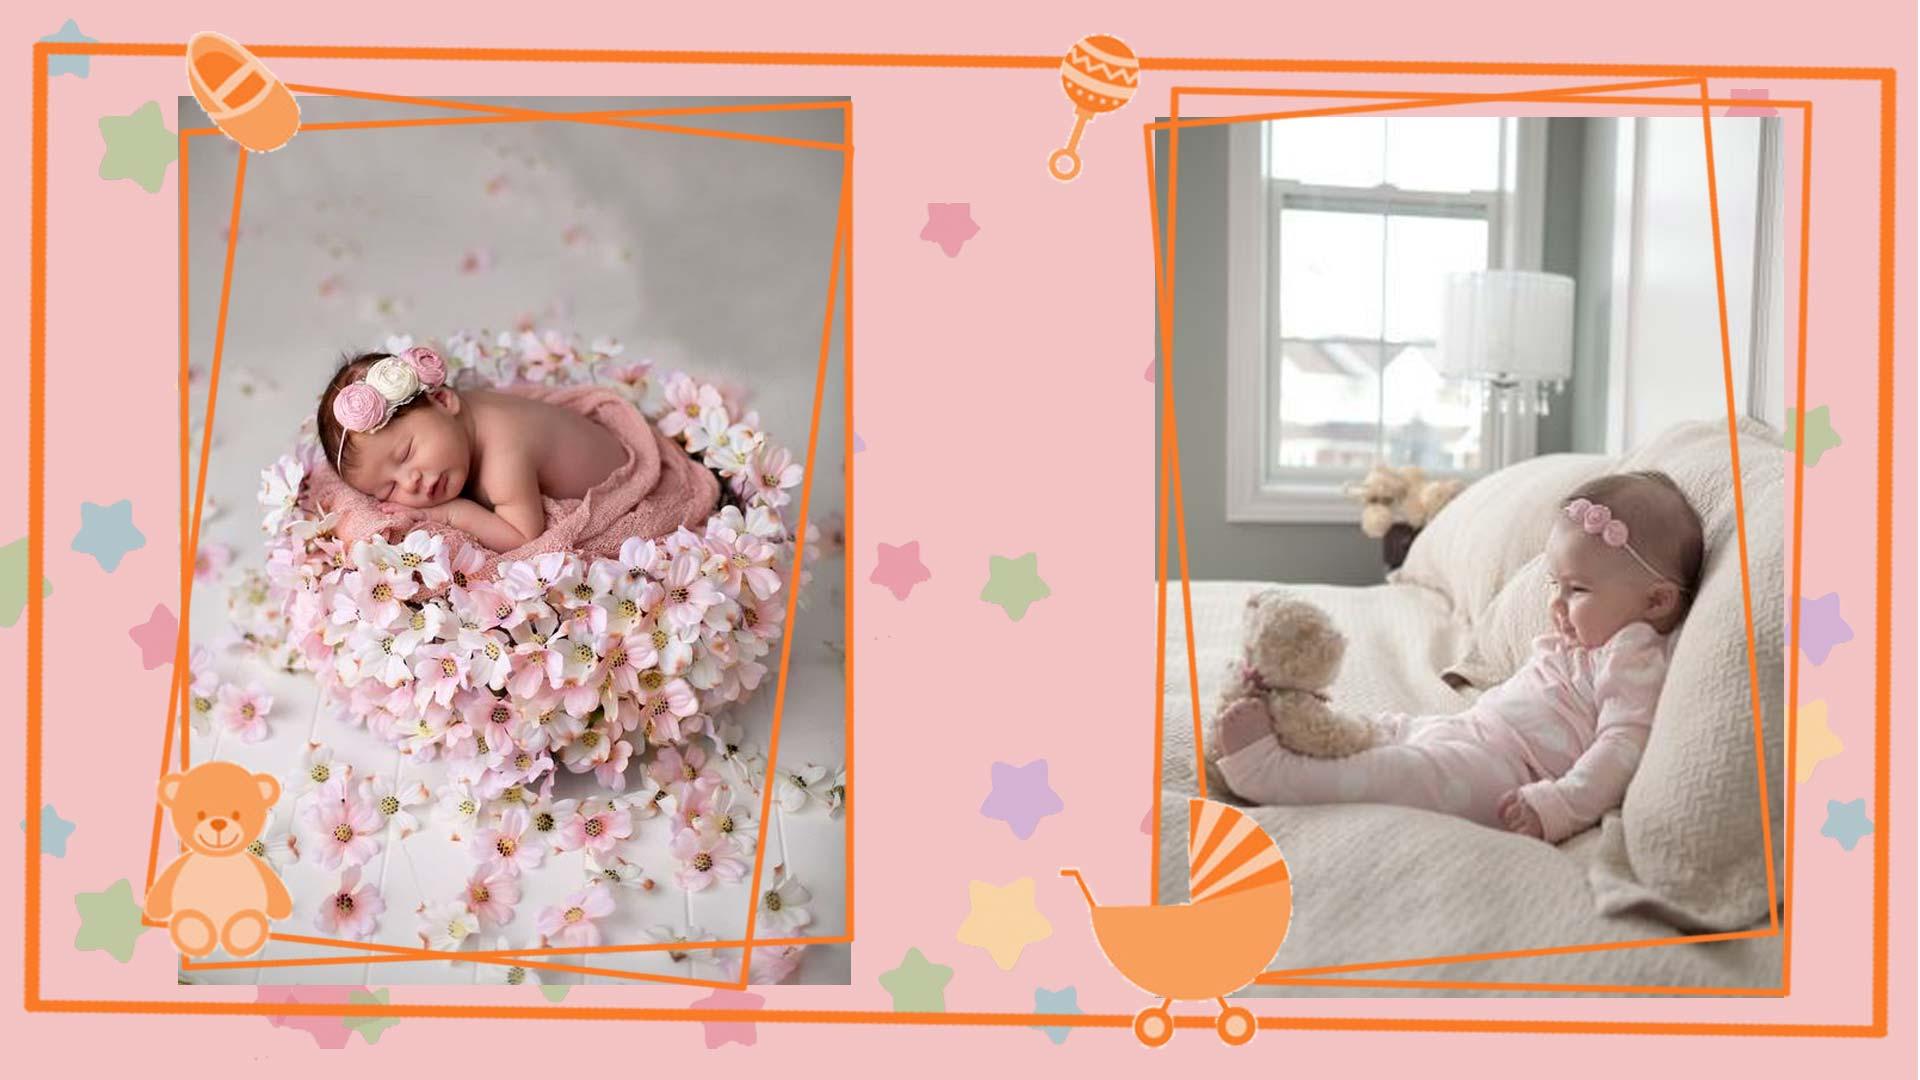 baby photography11 - نکات عکاسی از کودک و نوزاد